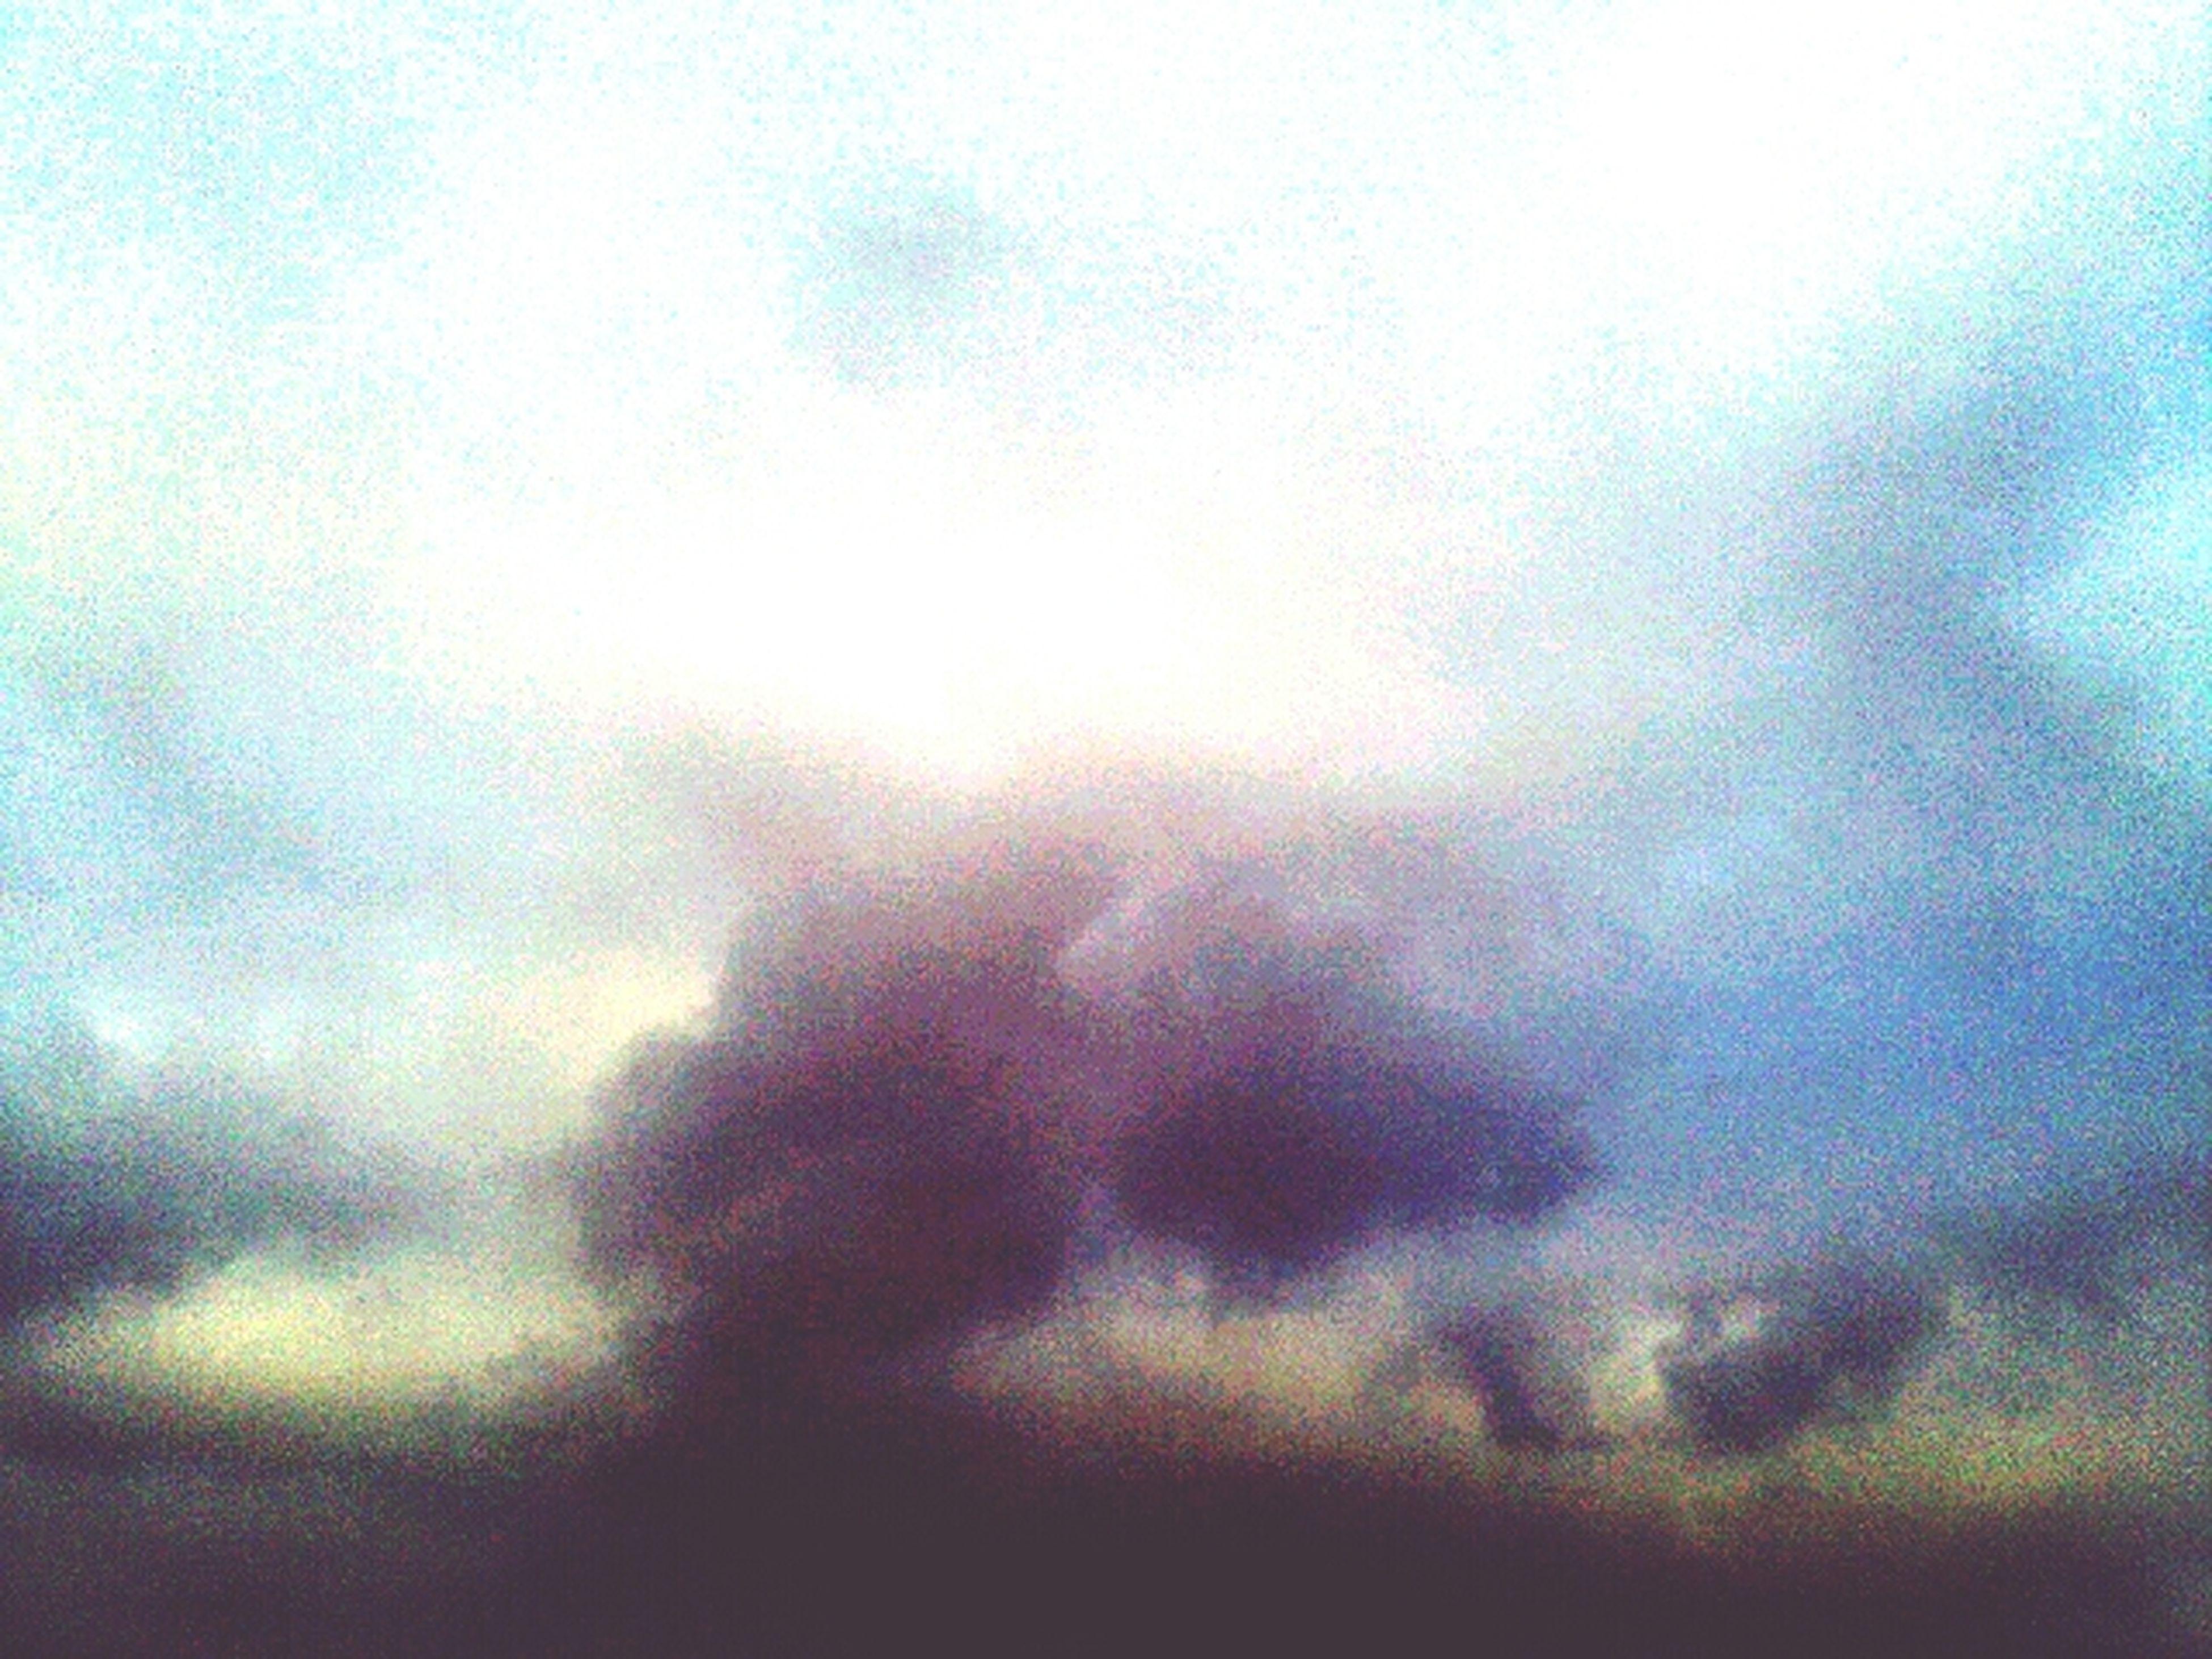 <3 Sky